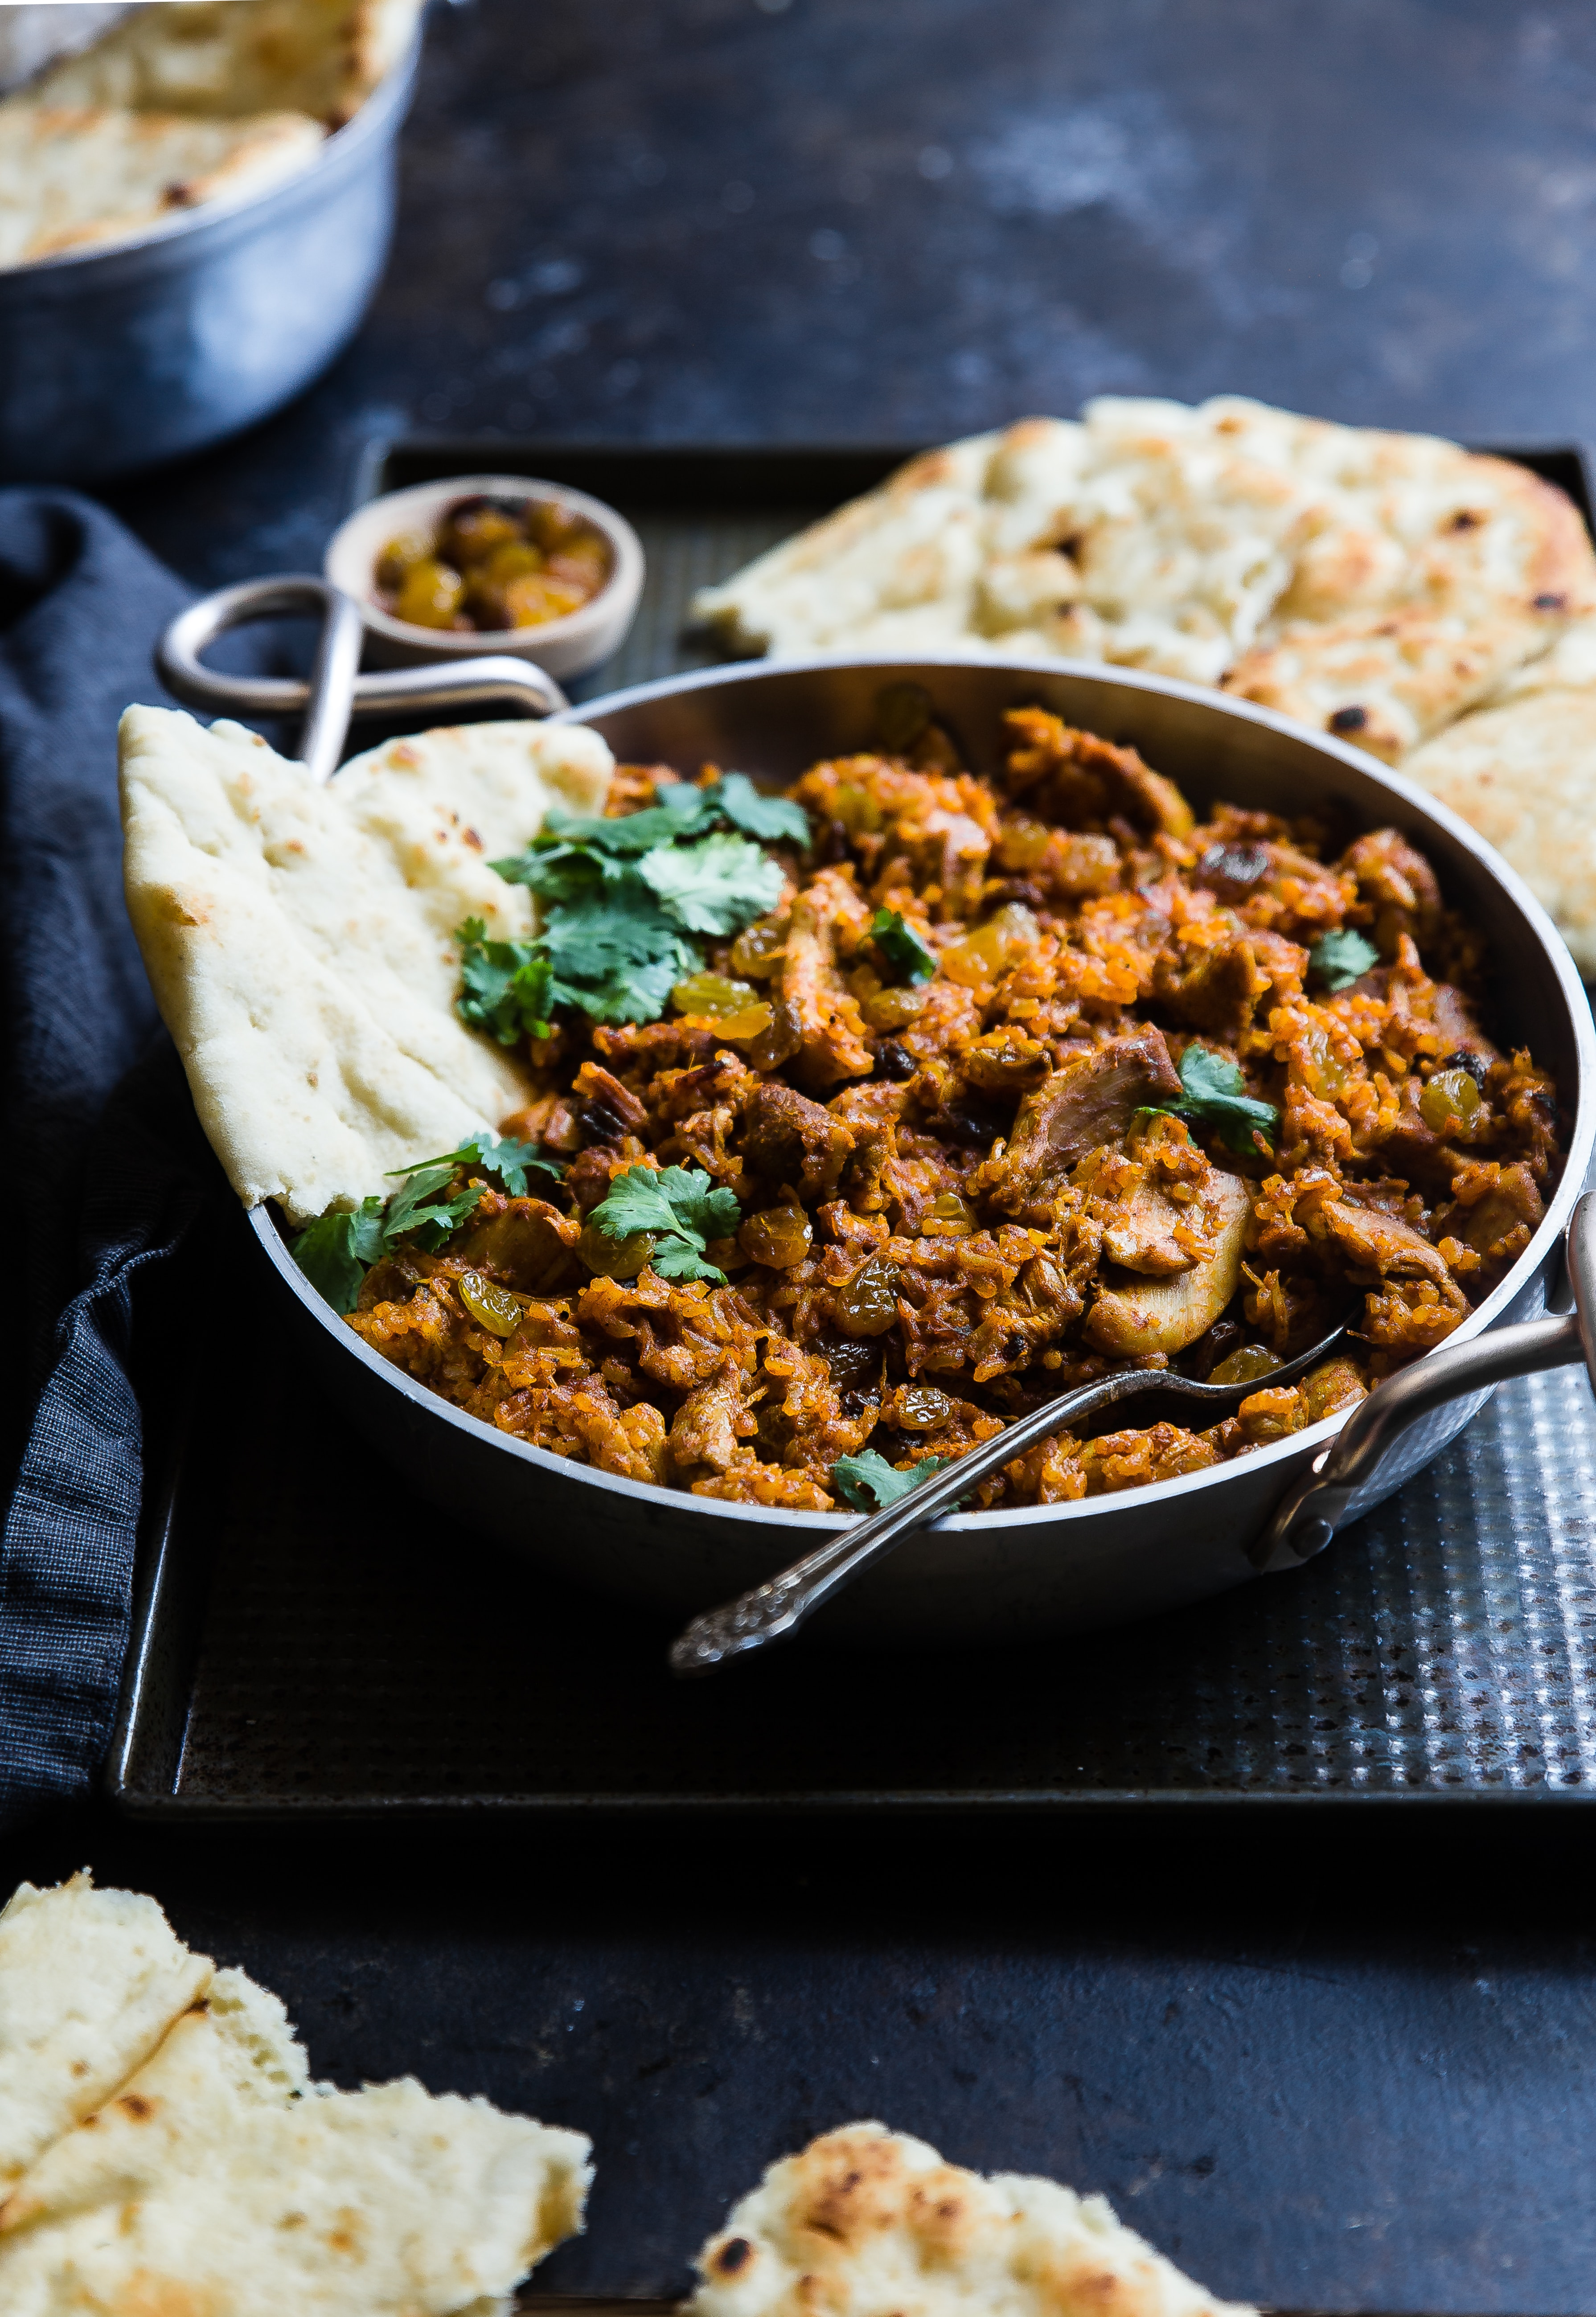 Cuisine Indienne Les Plats Les Plus Populaires En Inde Votre